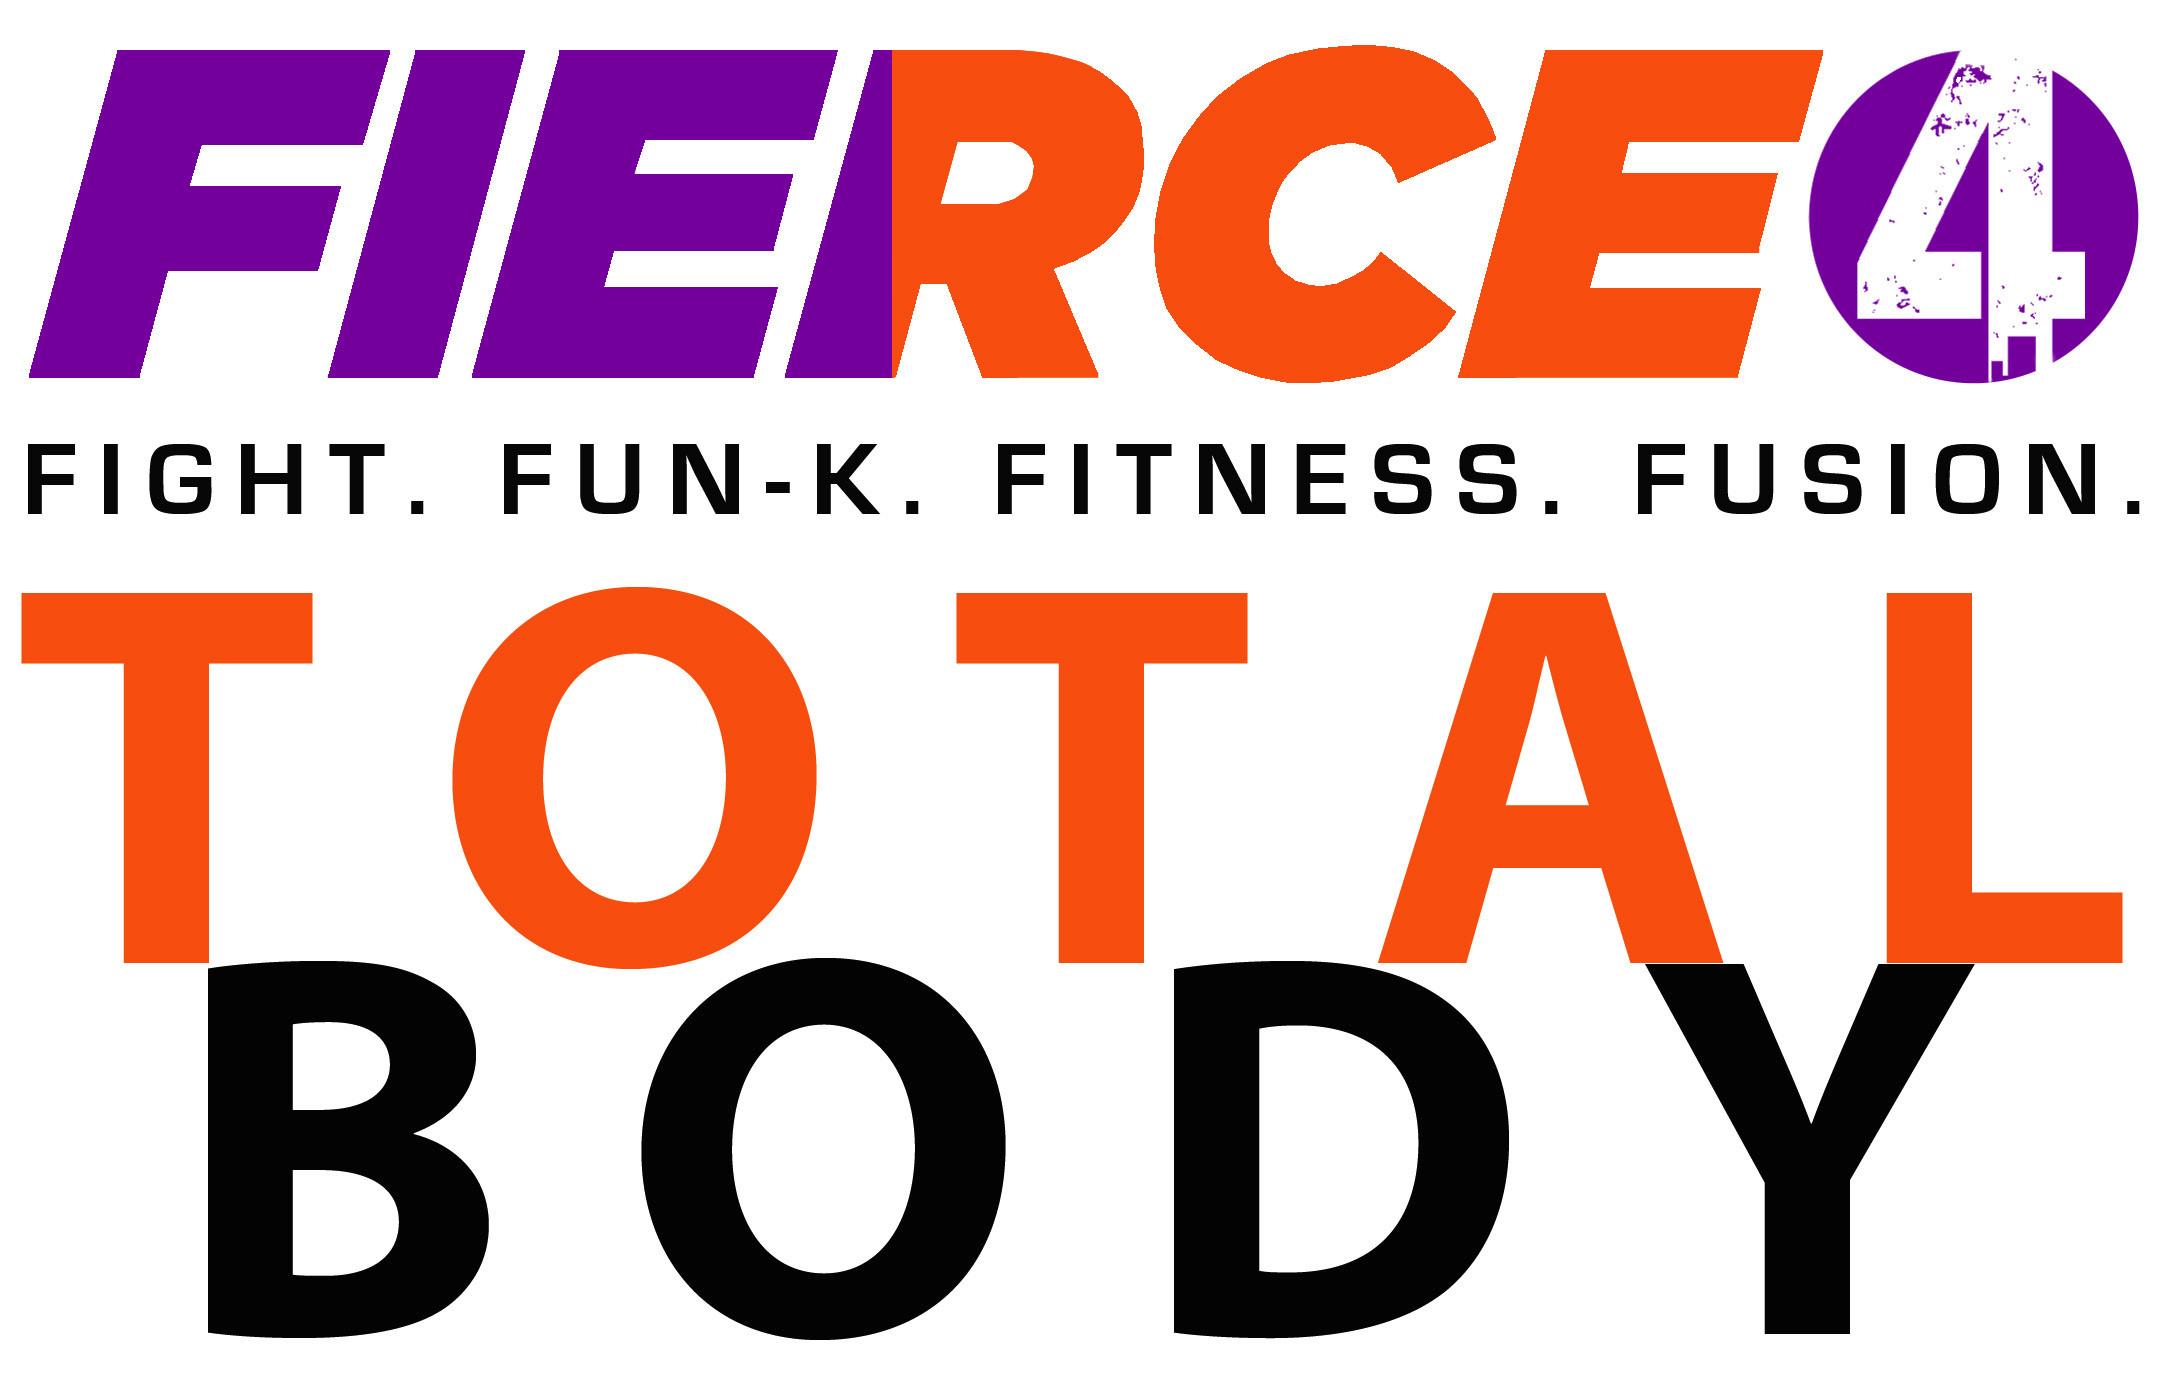 FIERCE4 Total Body